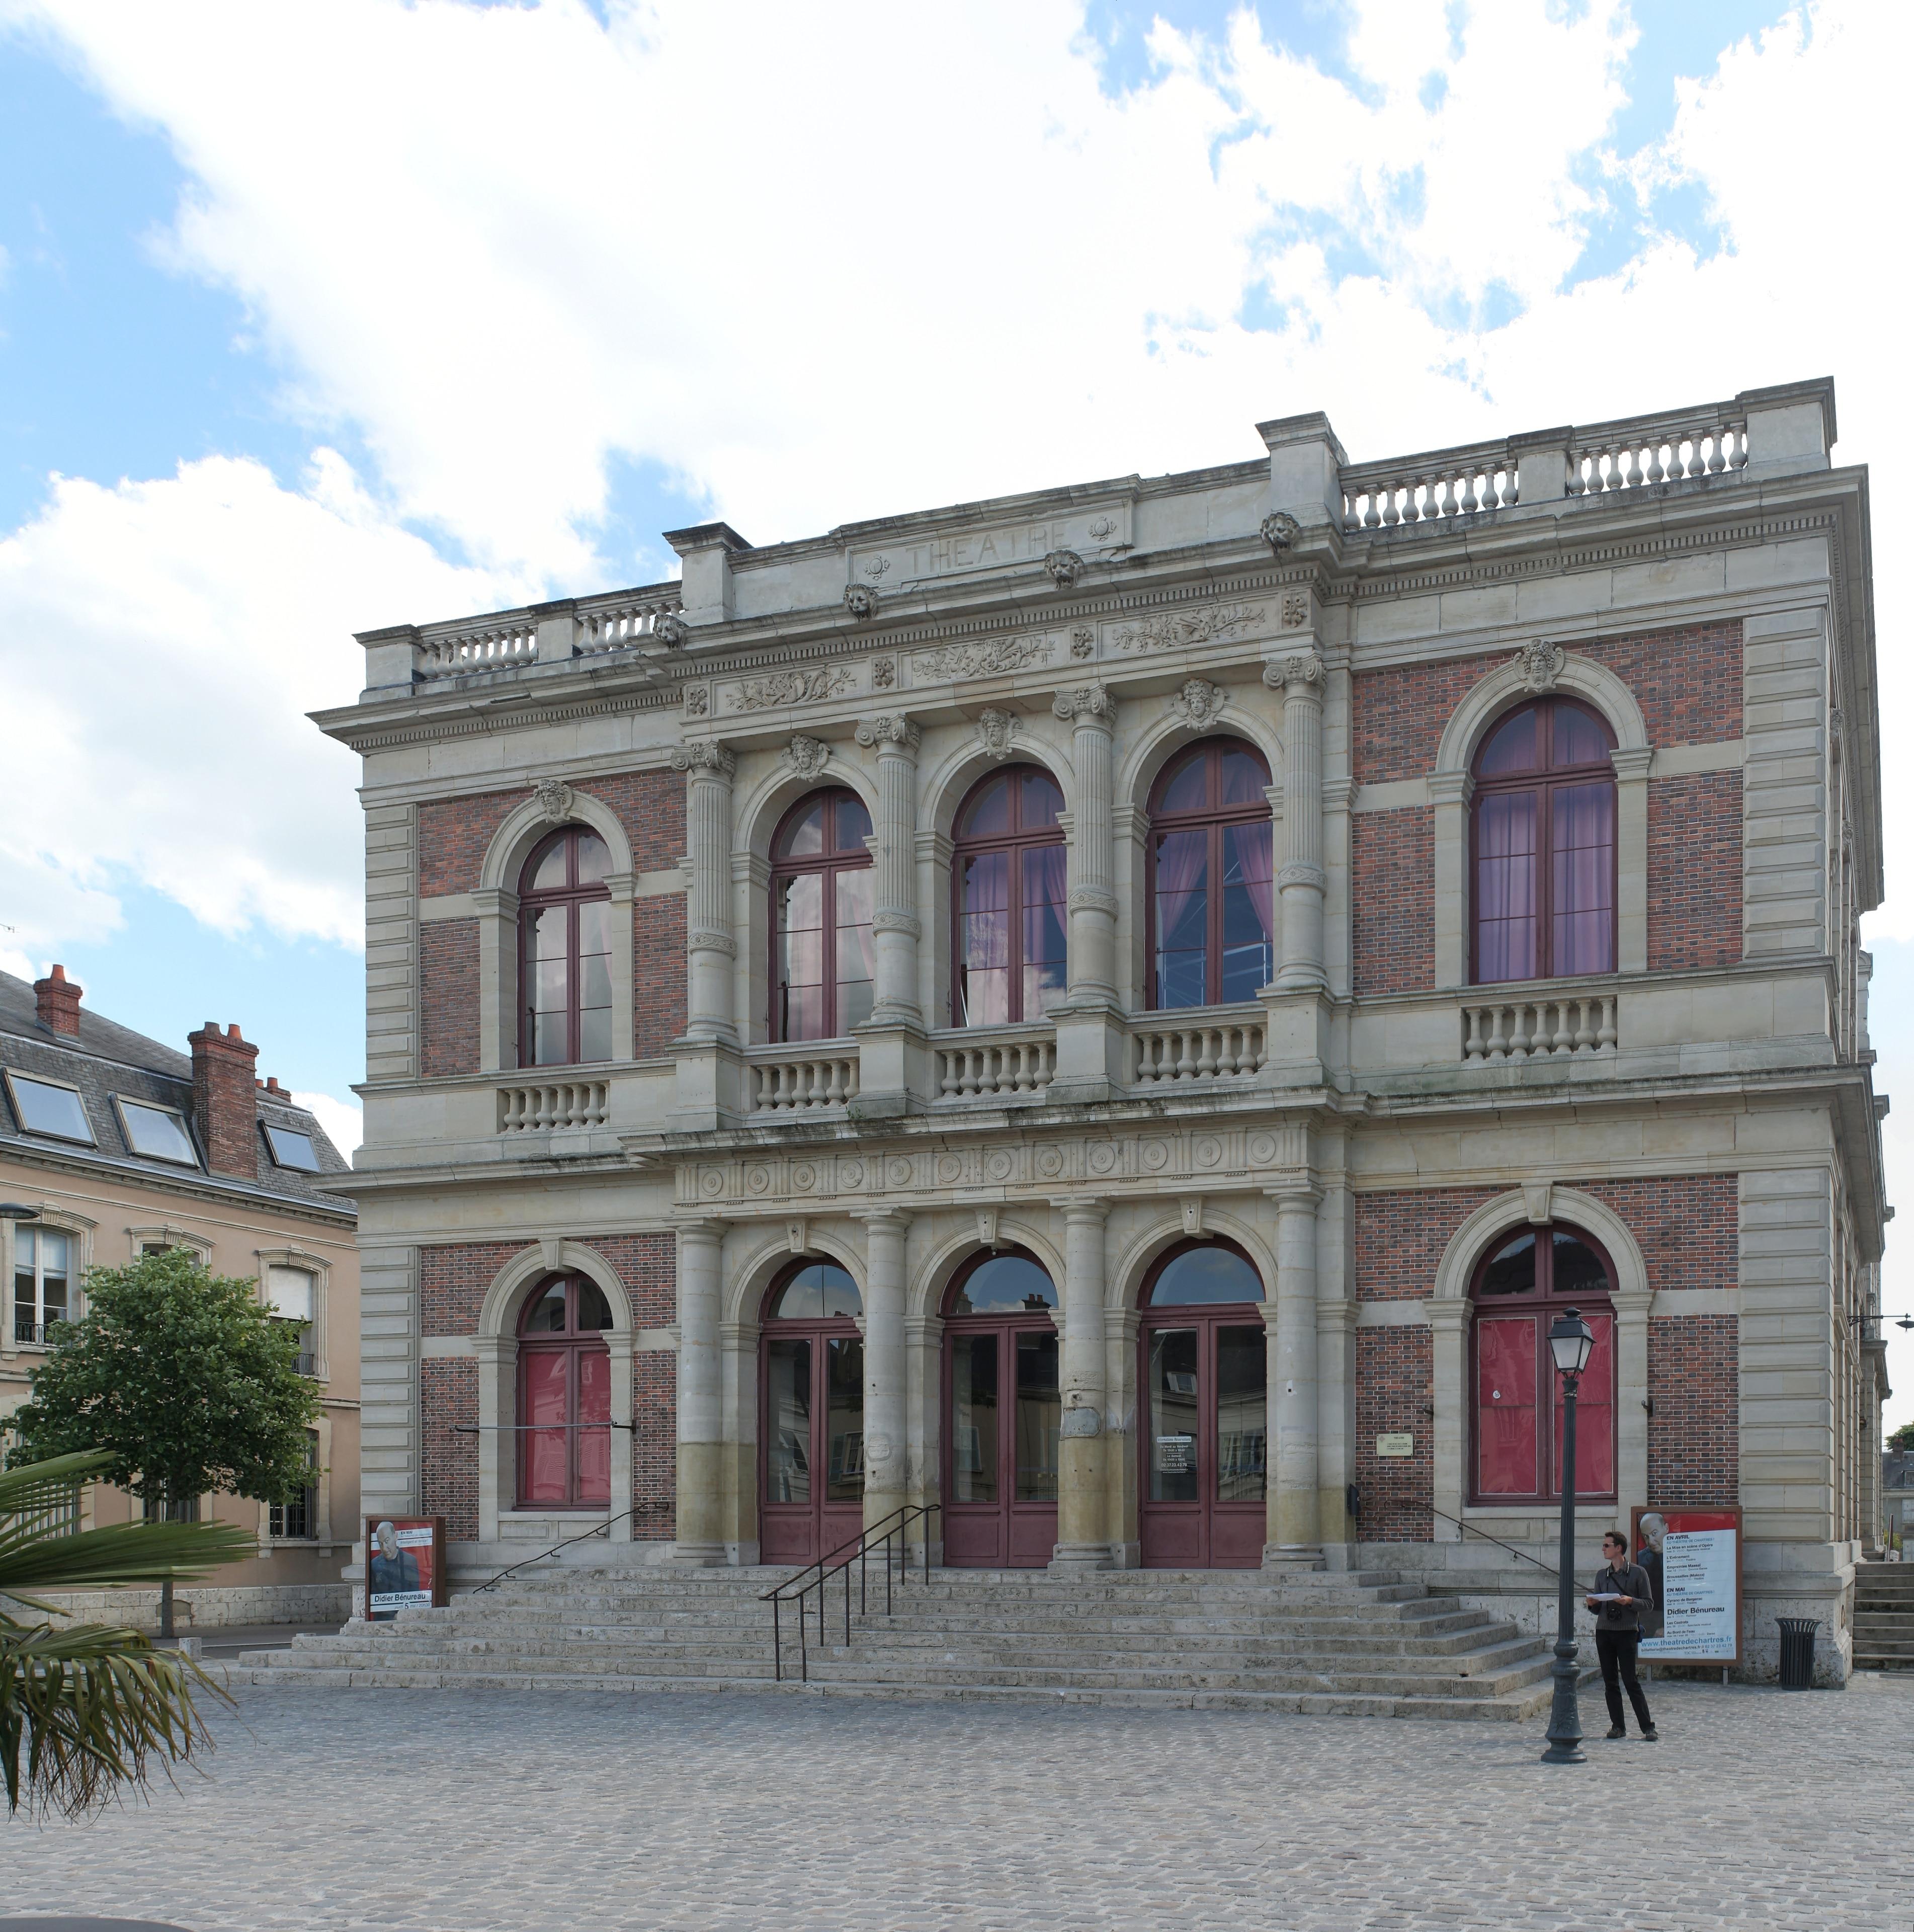 Municipal theatre of Chartres, Chartres, Eure-et-Loir, France